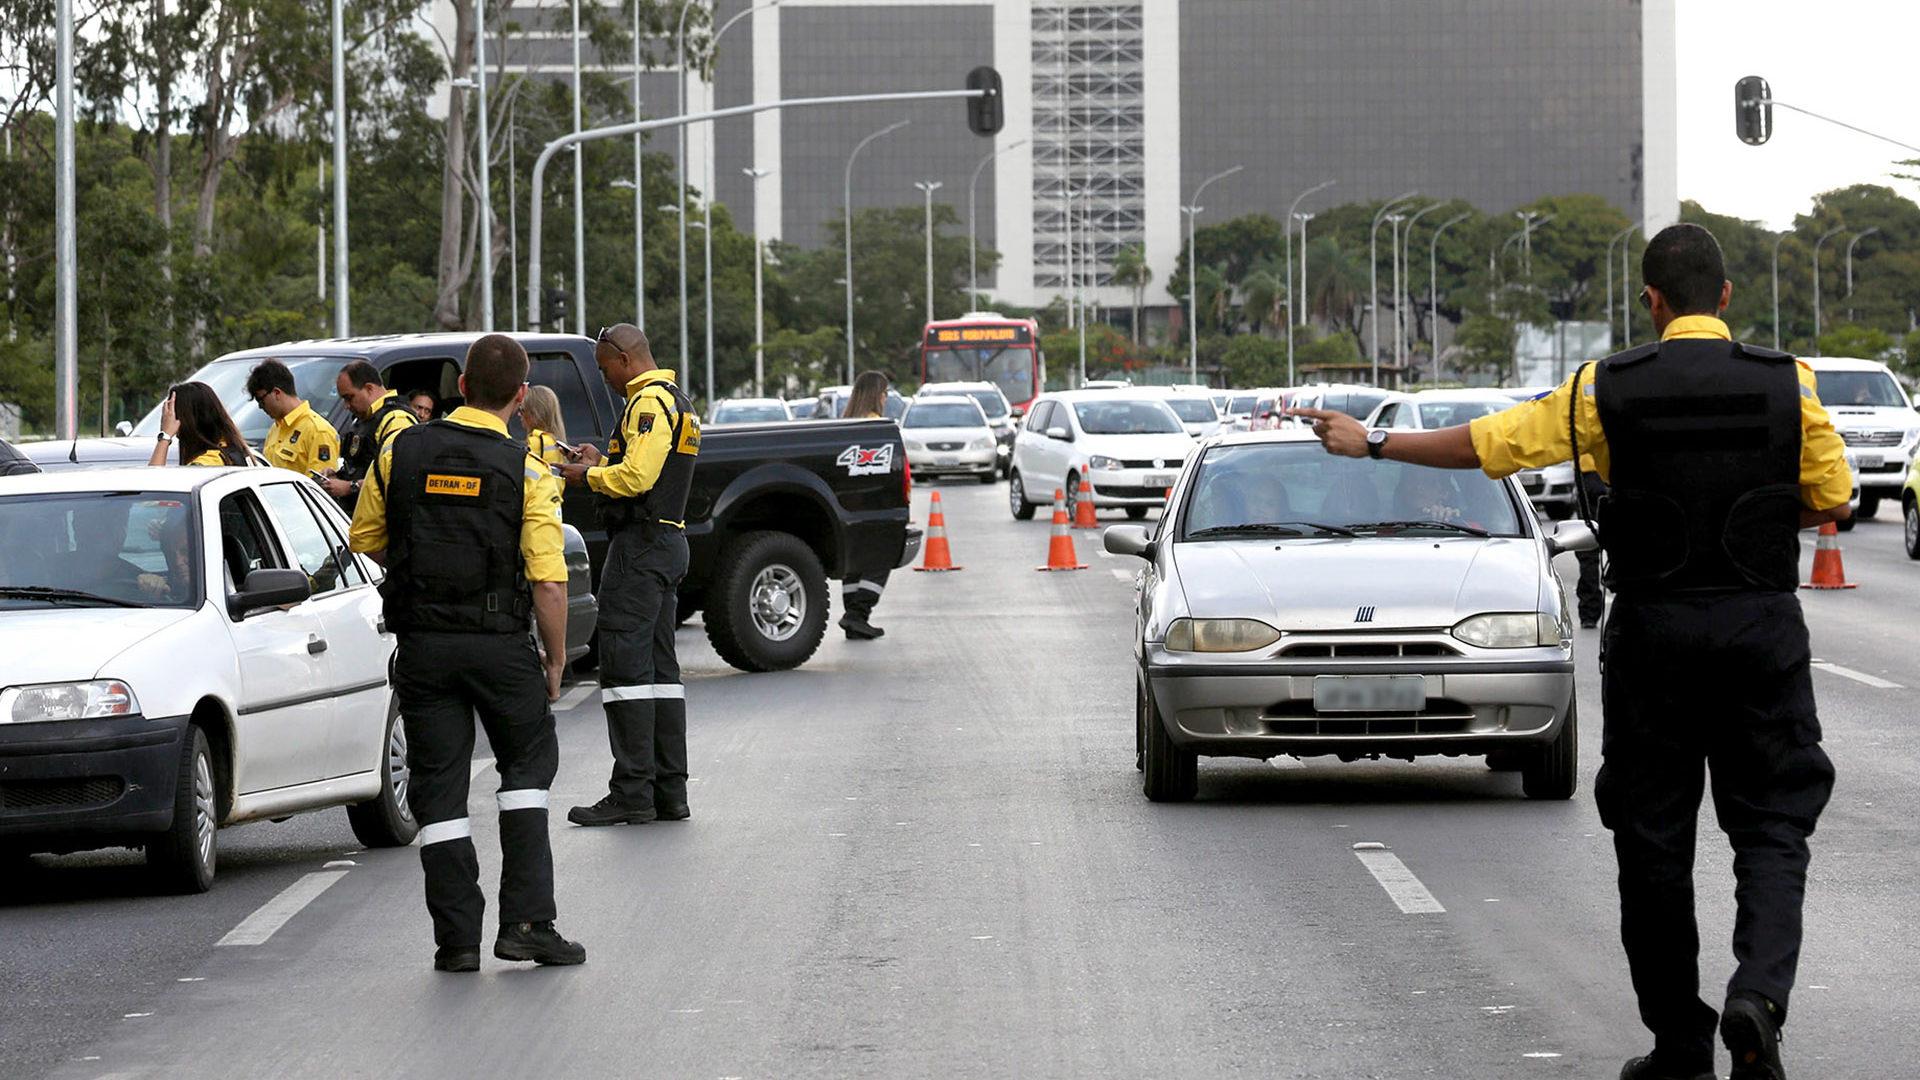 Fiscalização de licenciamento de veículos é feita de acordo com a numeração das placas